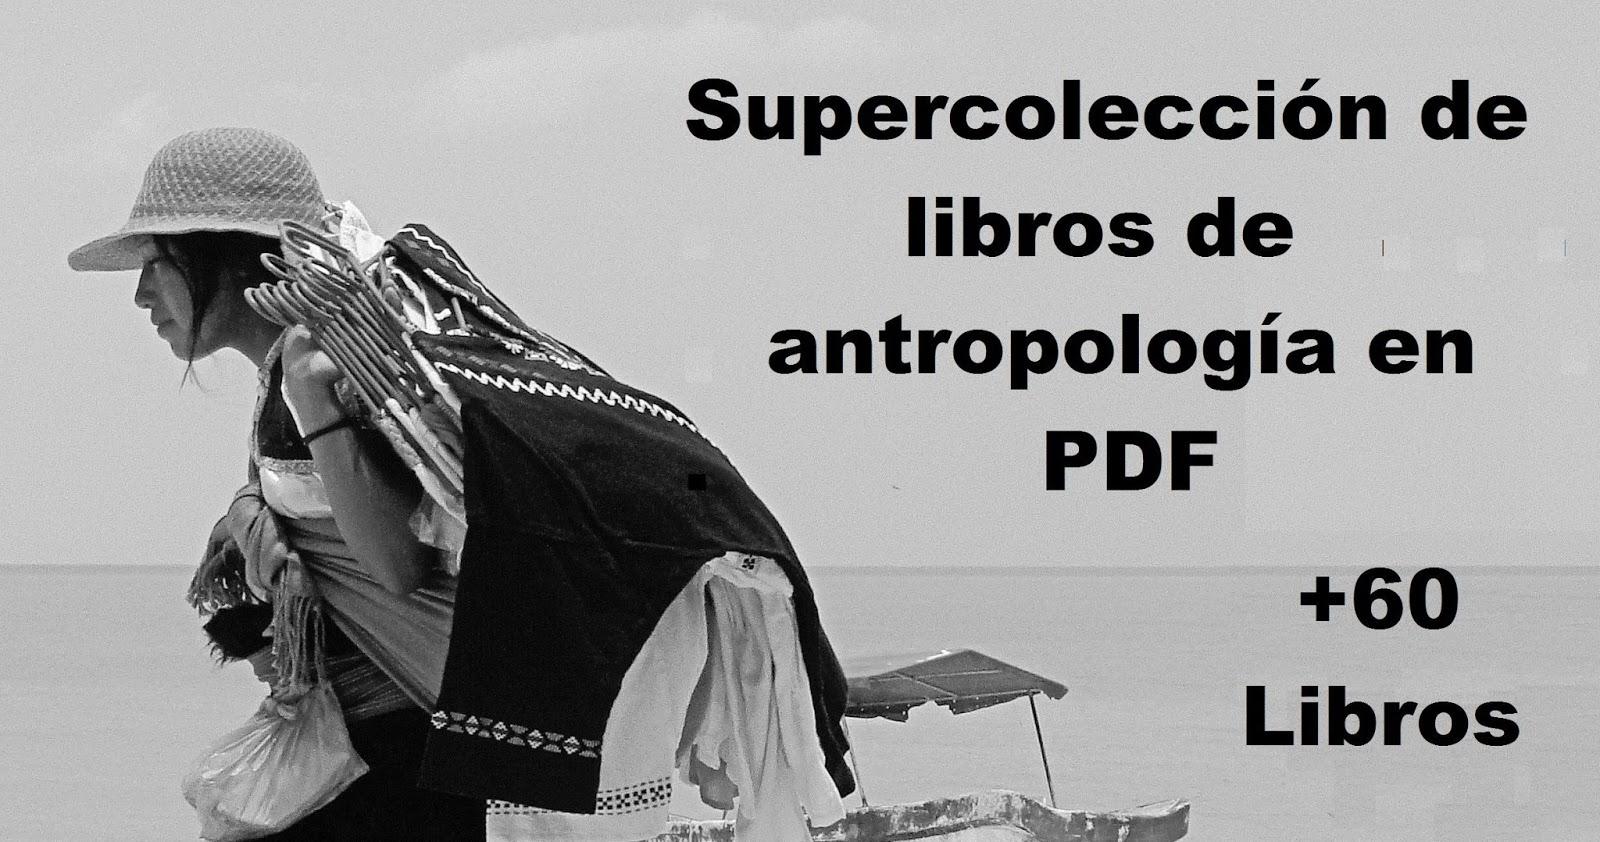 Supercolección De Libros De Antropología En PDF, Tiempo De